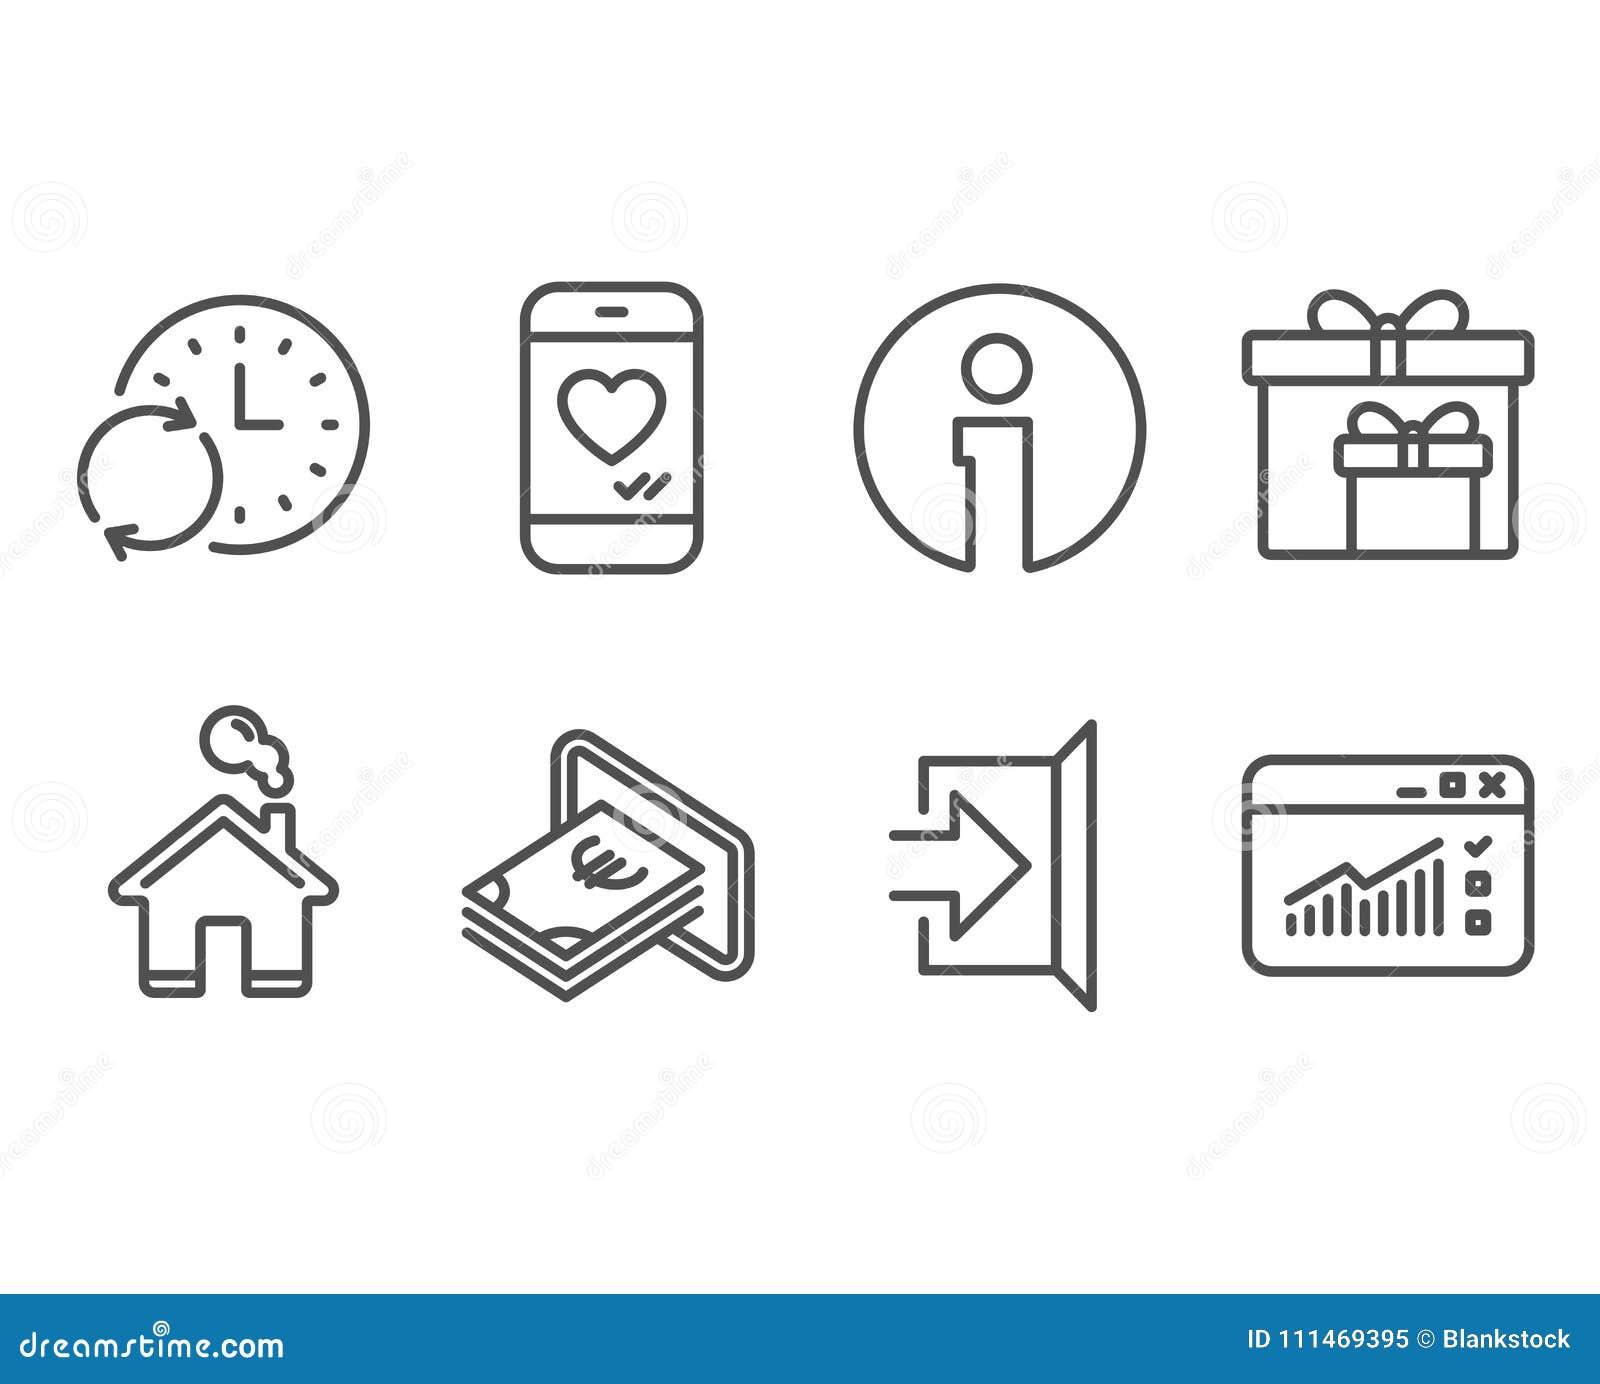 Время наличных денег, обновления и коробки поставки значки Болтовня выйдите, влюбленности и знаки уличного движения сети